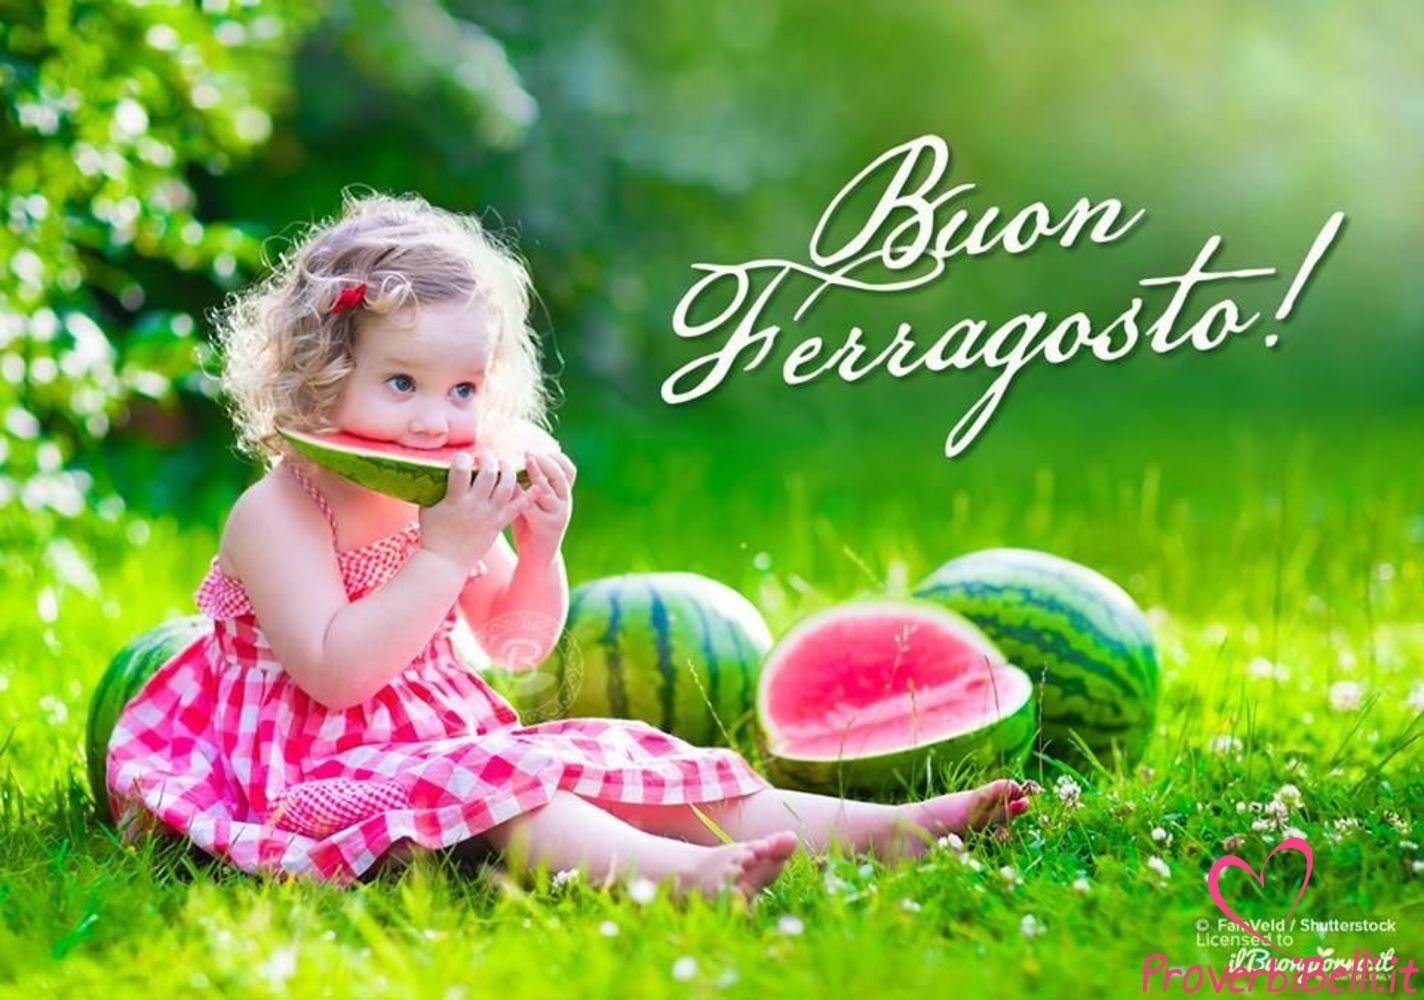 Ferragosto-Immagini-Whatsapp-Belle-55